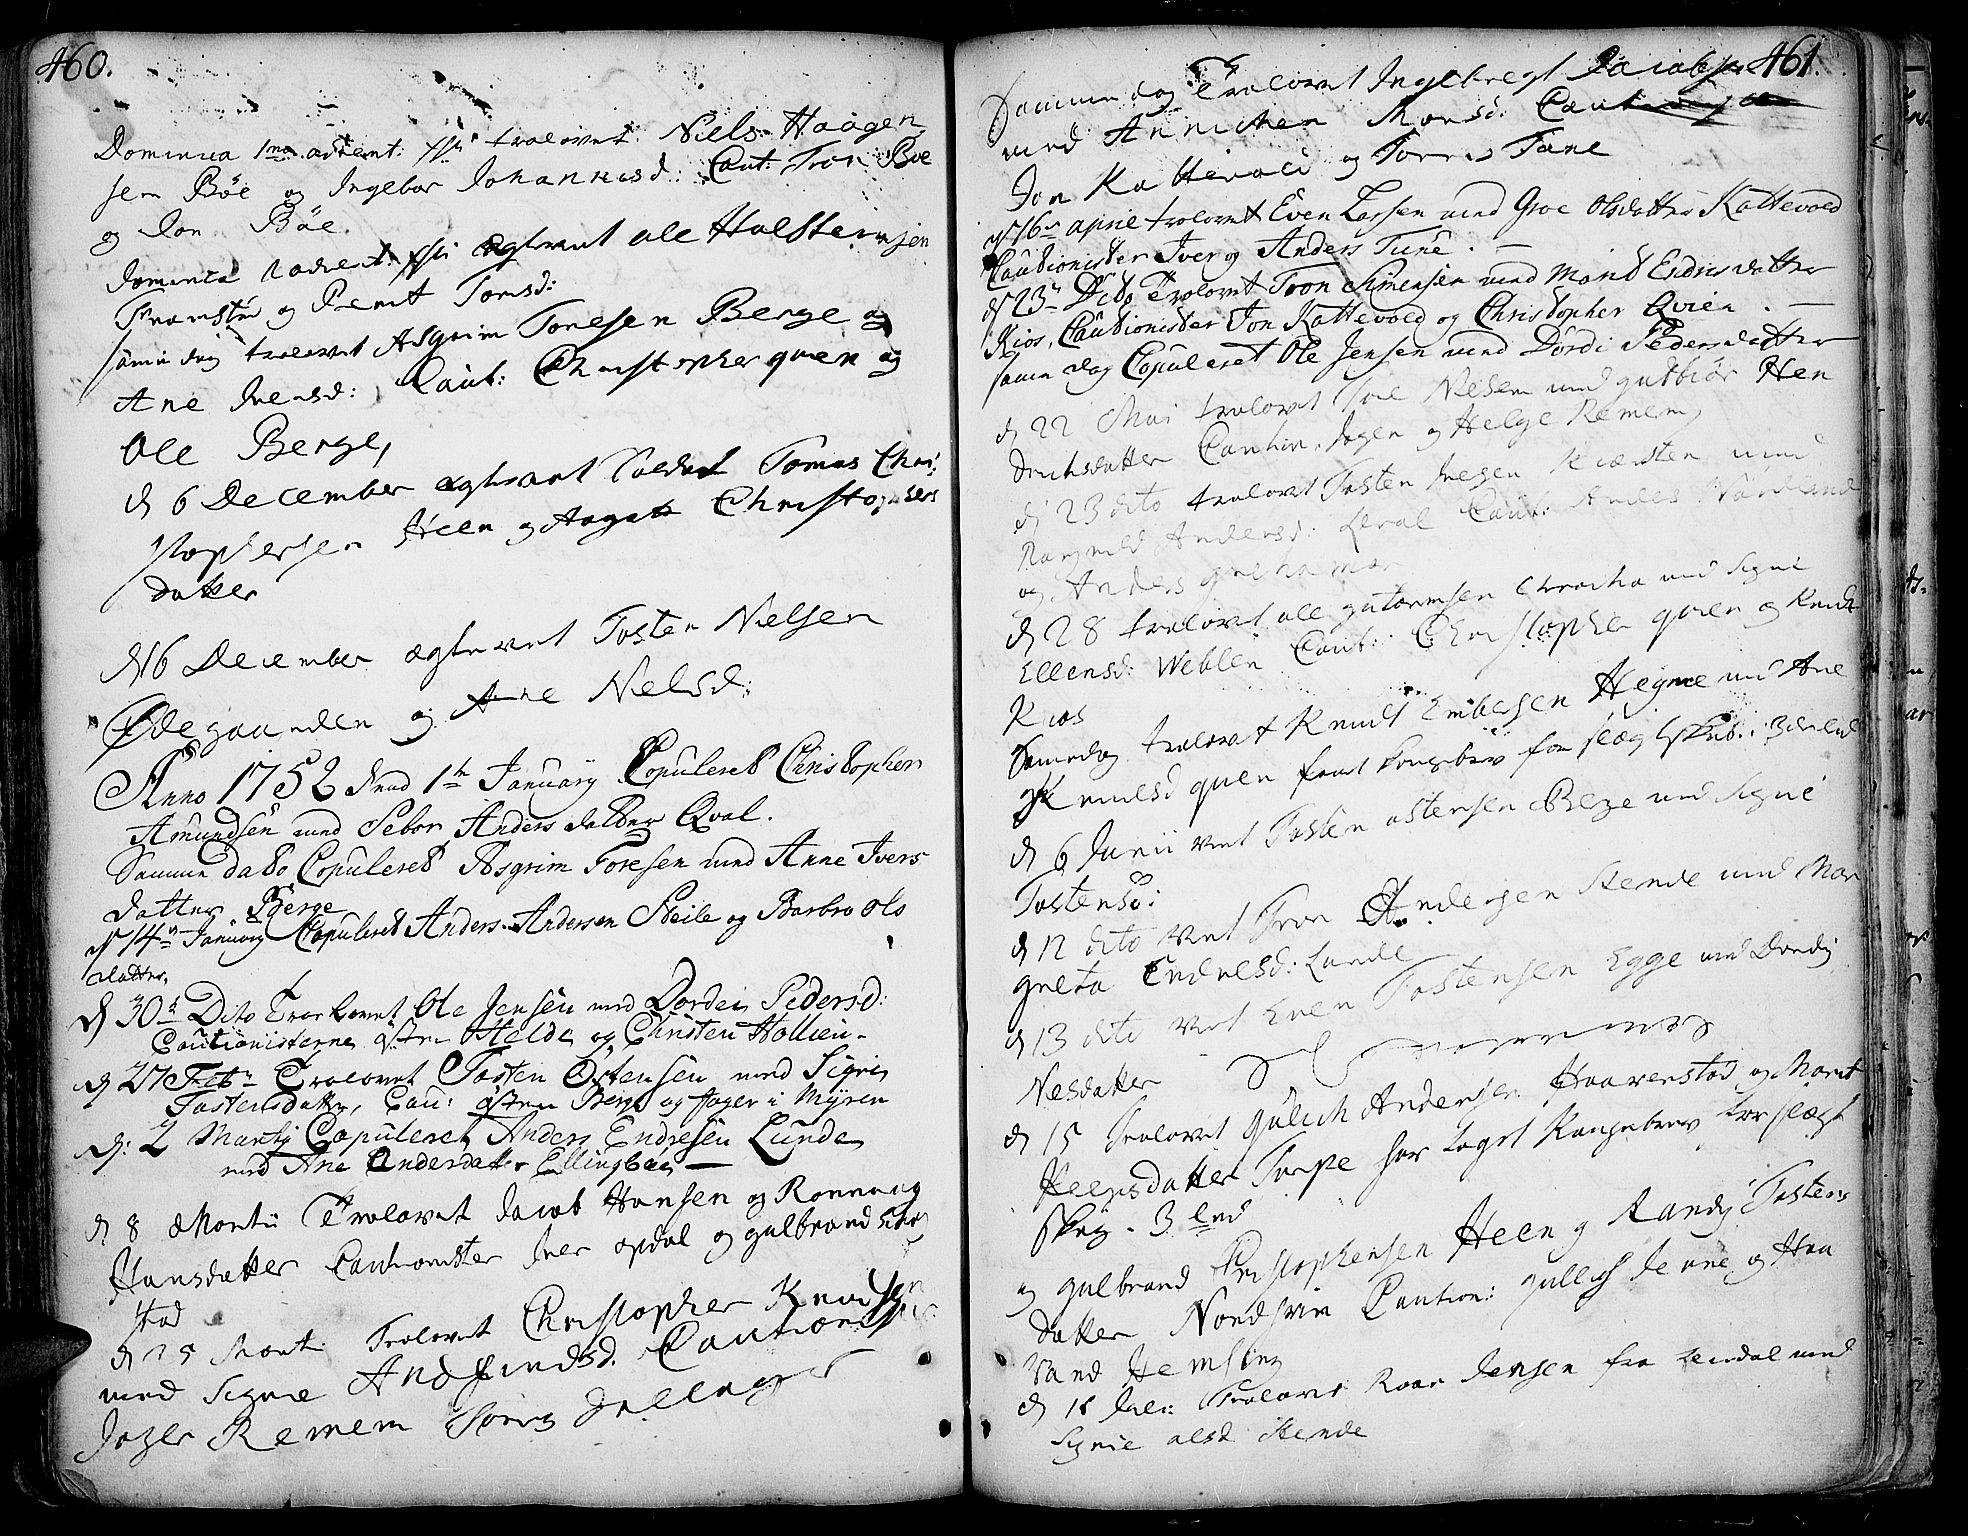 SAH, Vang prestekontor, Valdres, Ministerialbok nr. 1, 1730-1796, s. 460-461